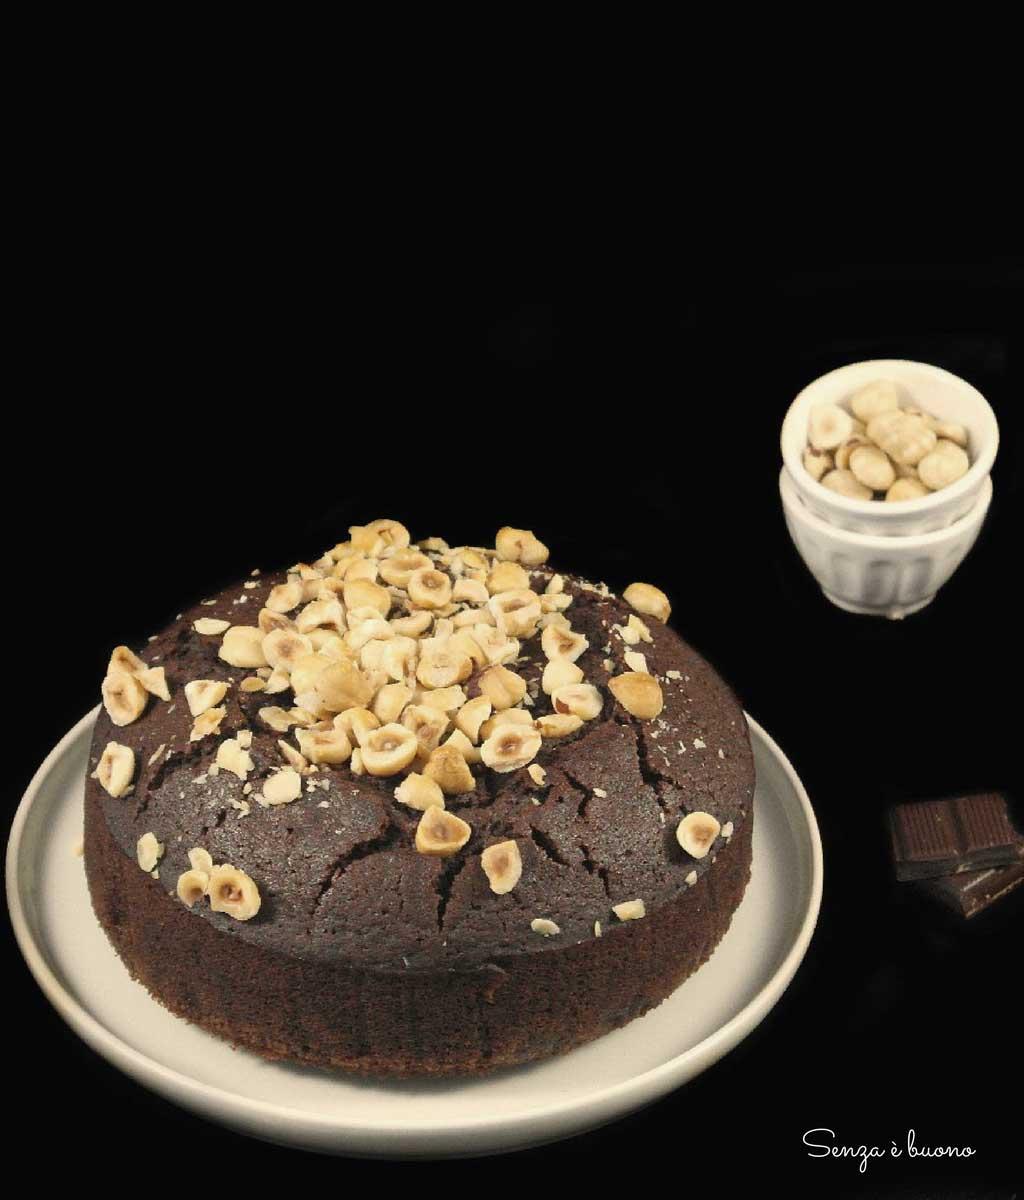 Torta al cacao con soli albumi senza glutine